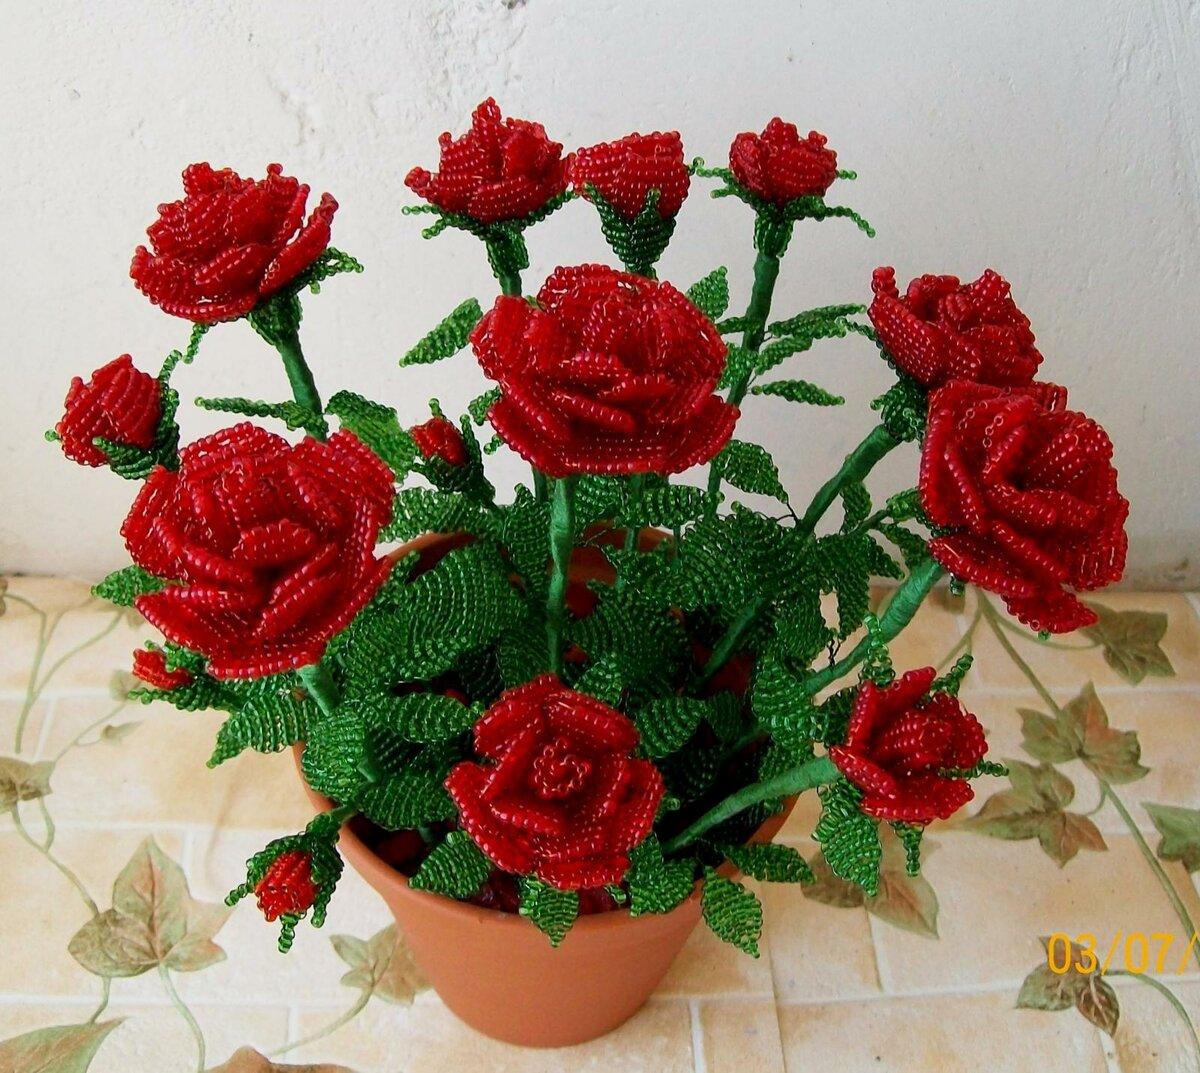 очень красивый букет роз из бисера того, представители анастасии